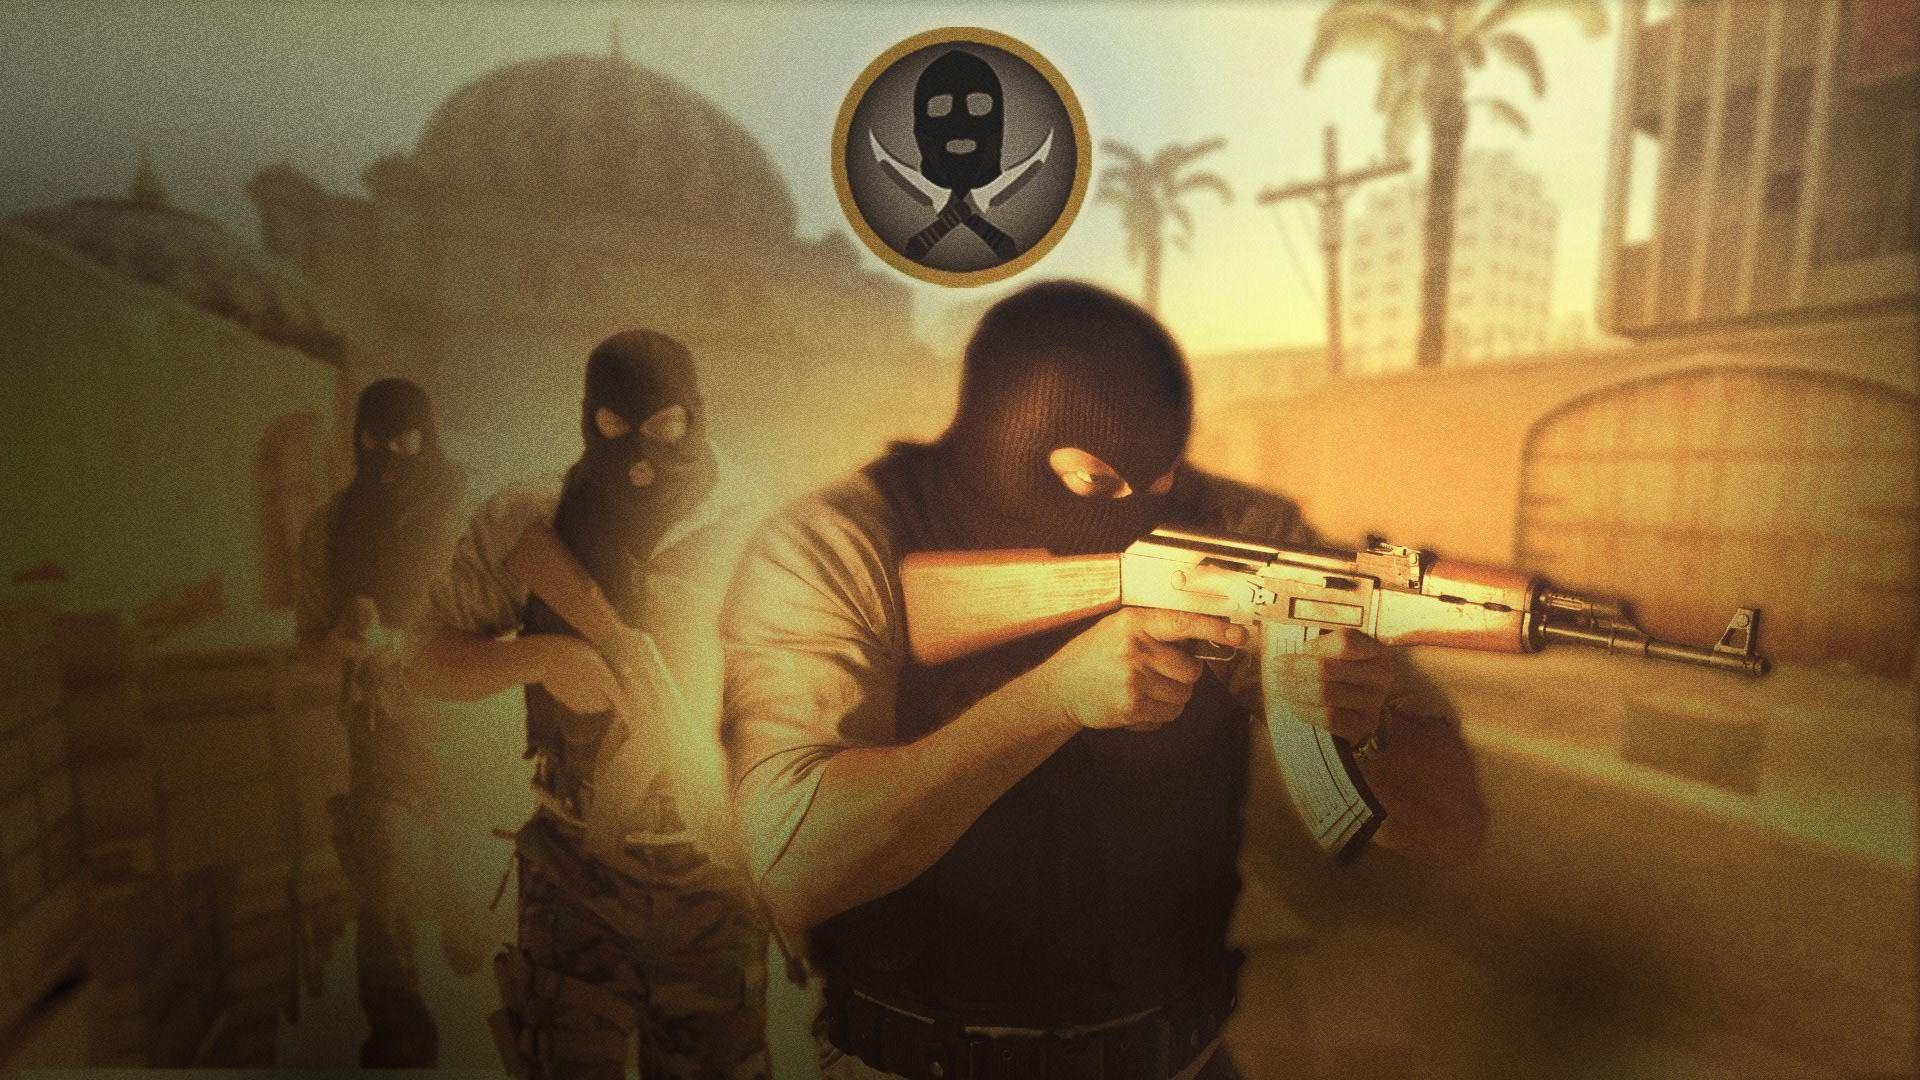 Counter Strike Global Offensive   CS Go wallpaper 23 WallpapersBQ 1920x1080